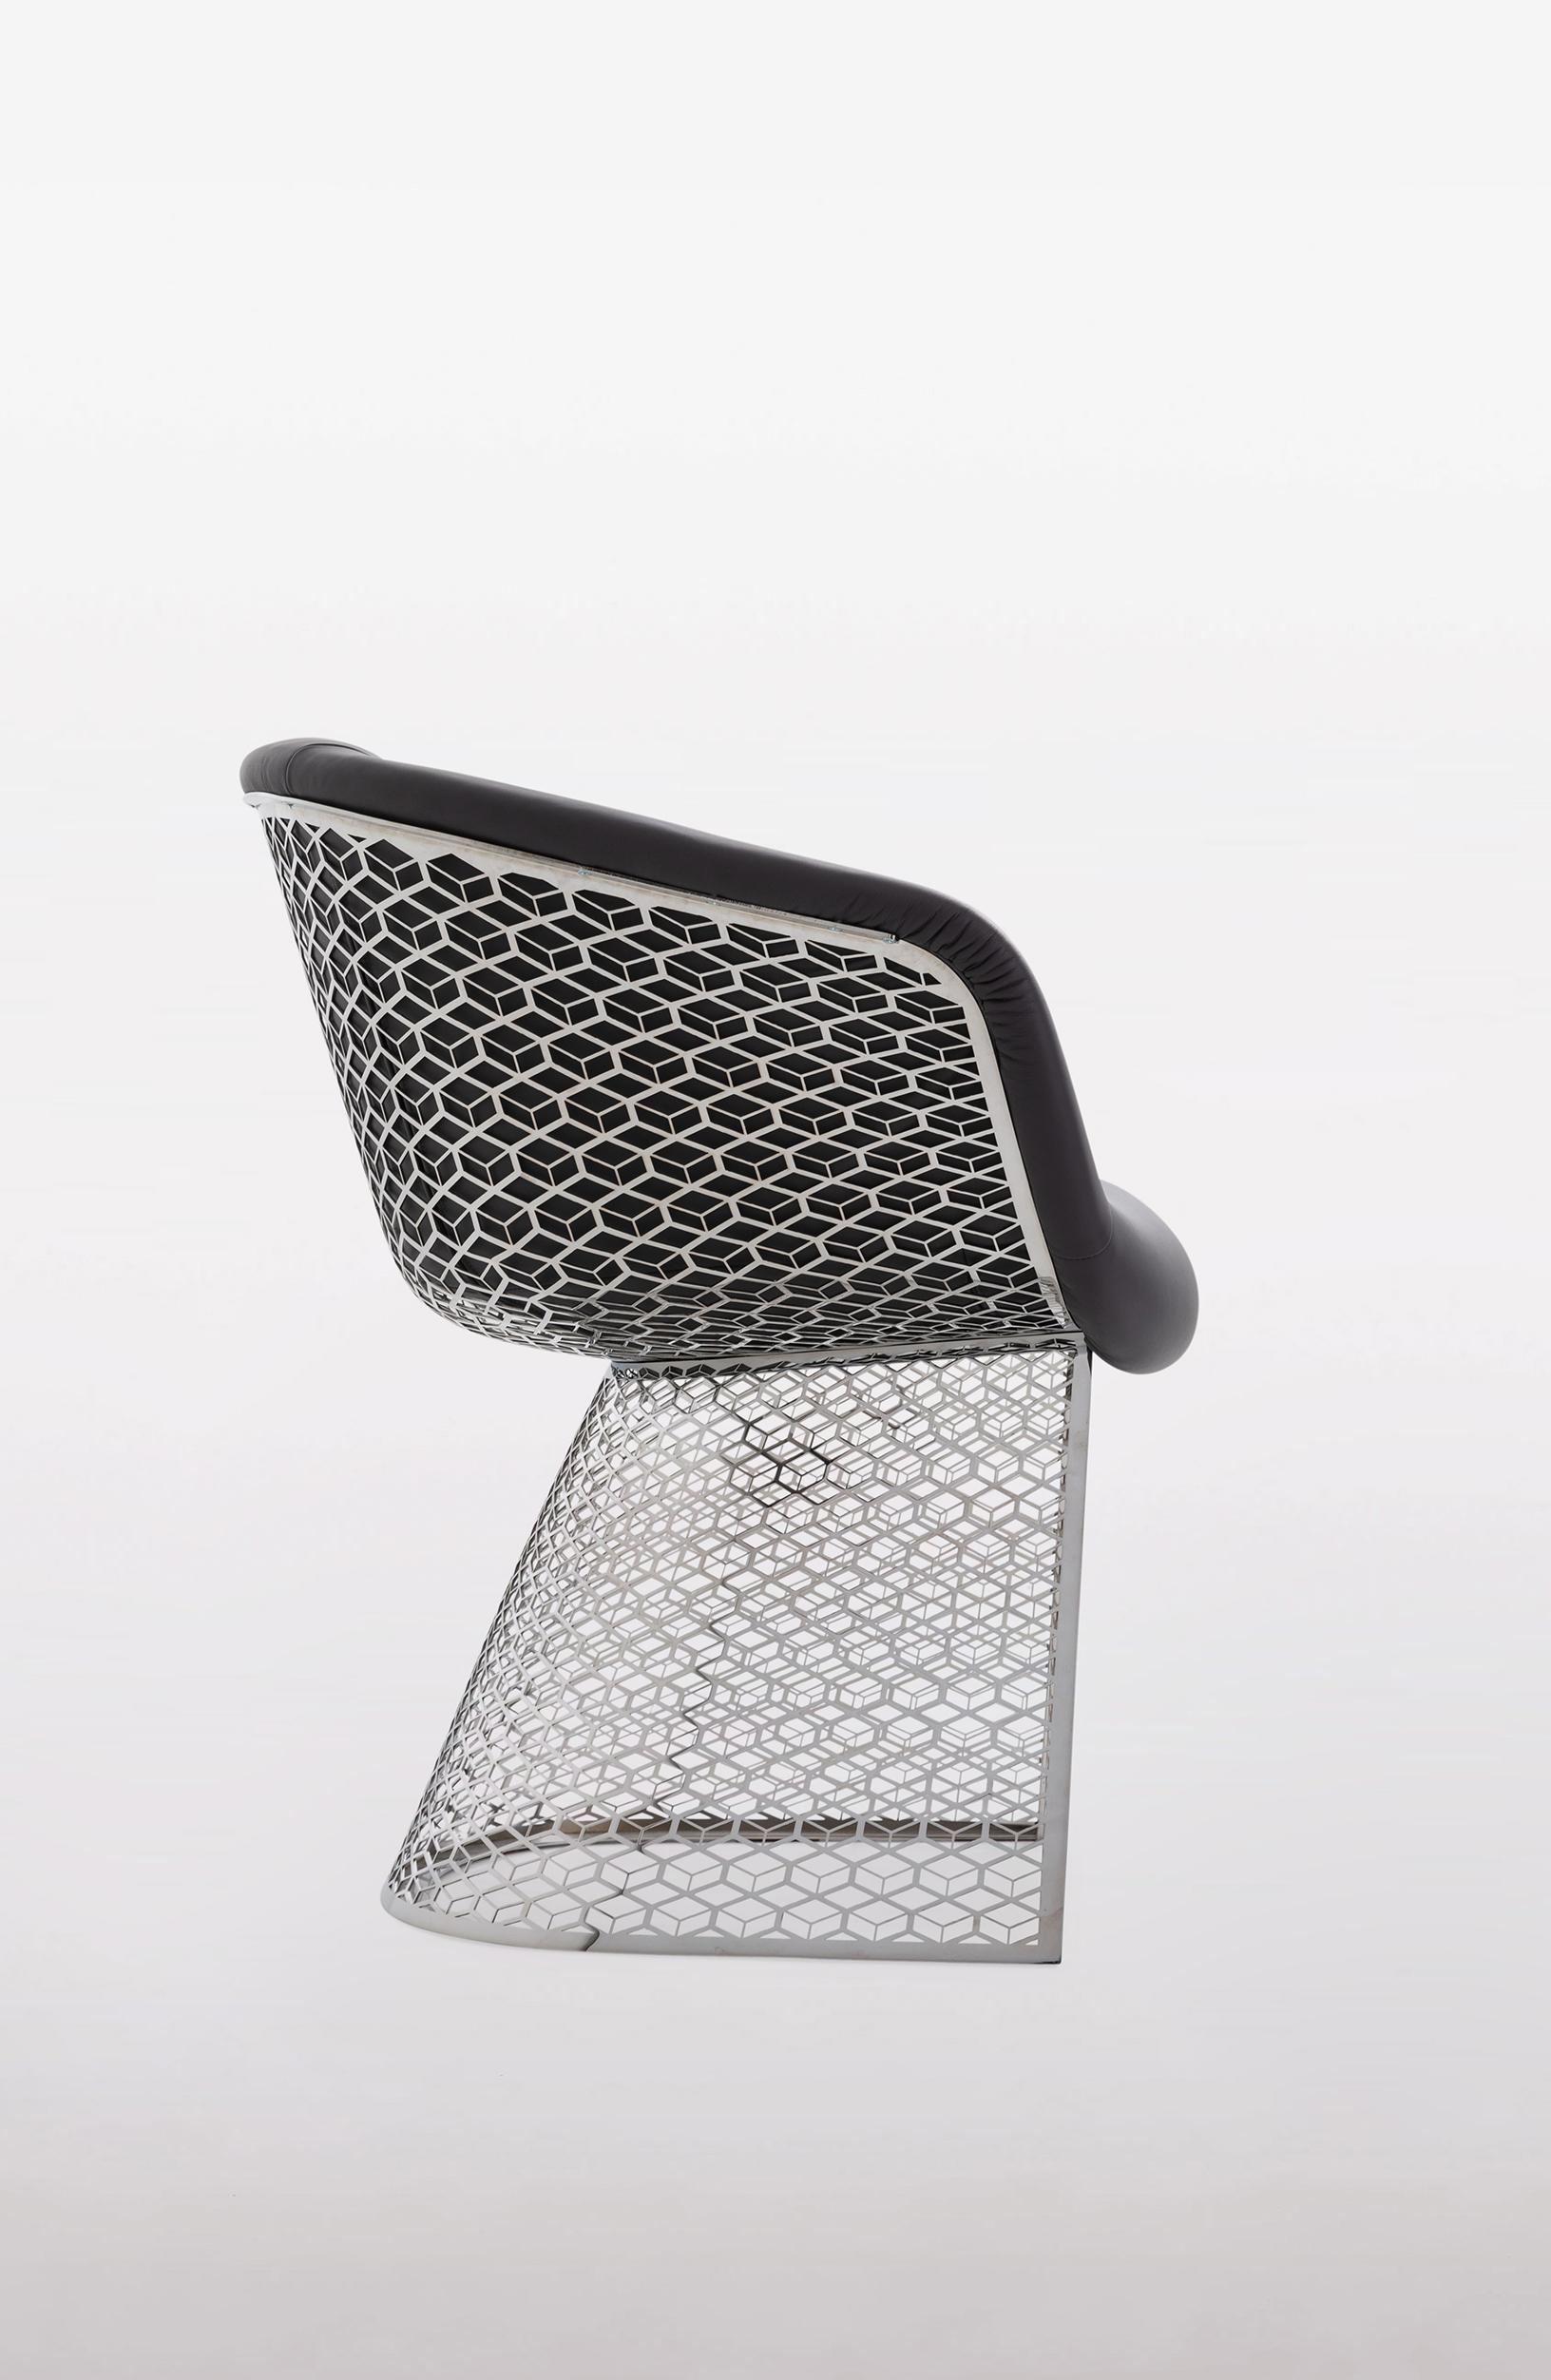 bugatti home-vitesse-sense-chair-01